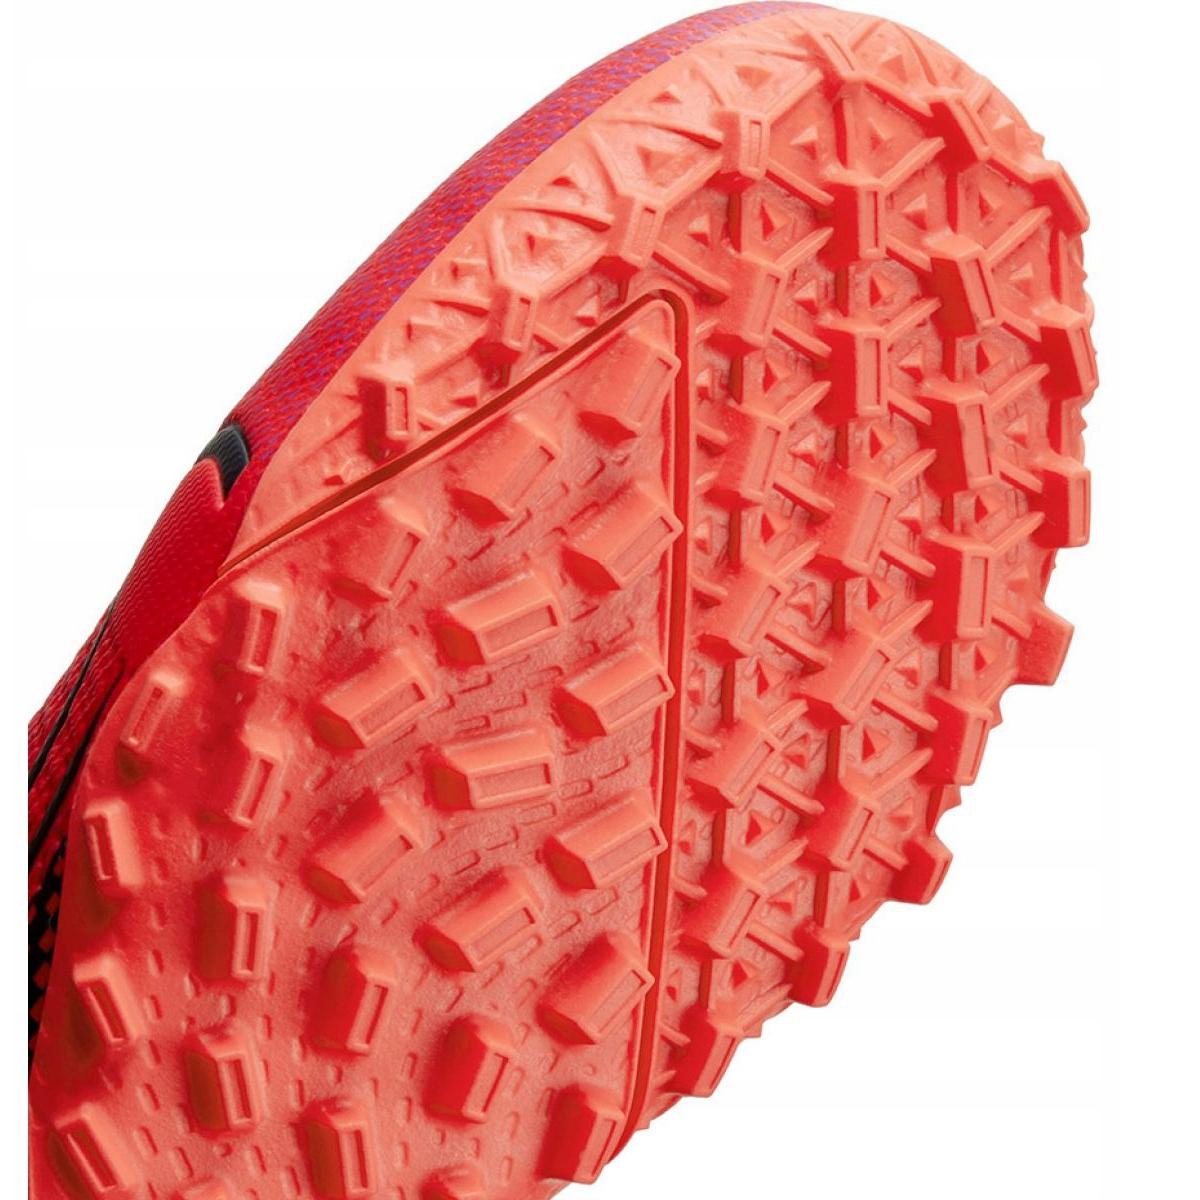 Scarpe-da-calcio-Nike-Mercurial-Superfly-7-Academy-Tf-M-AT7978-606-rosso-rosso miniatura 8